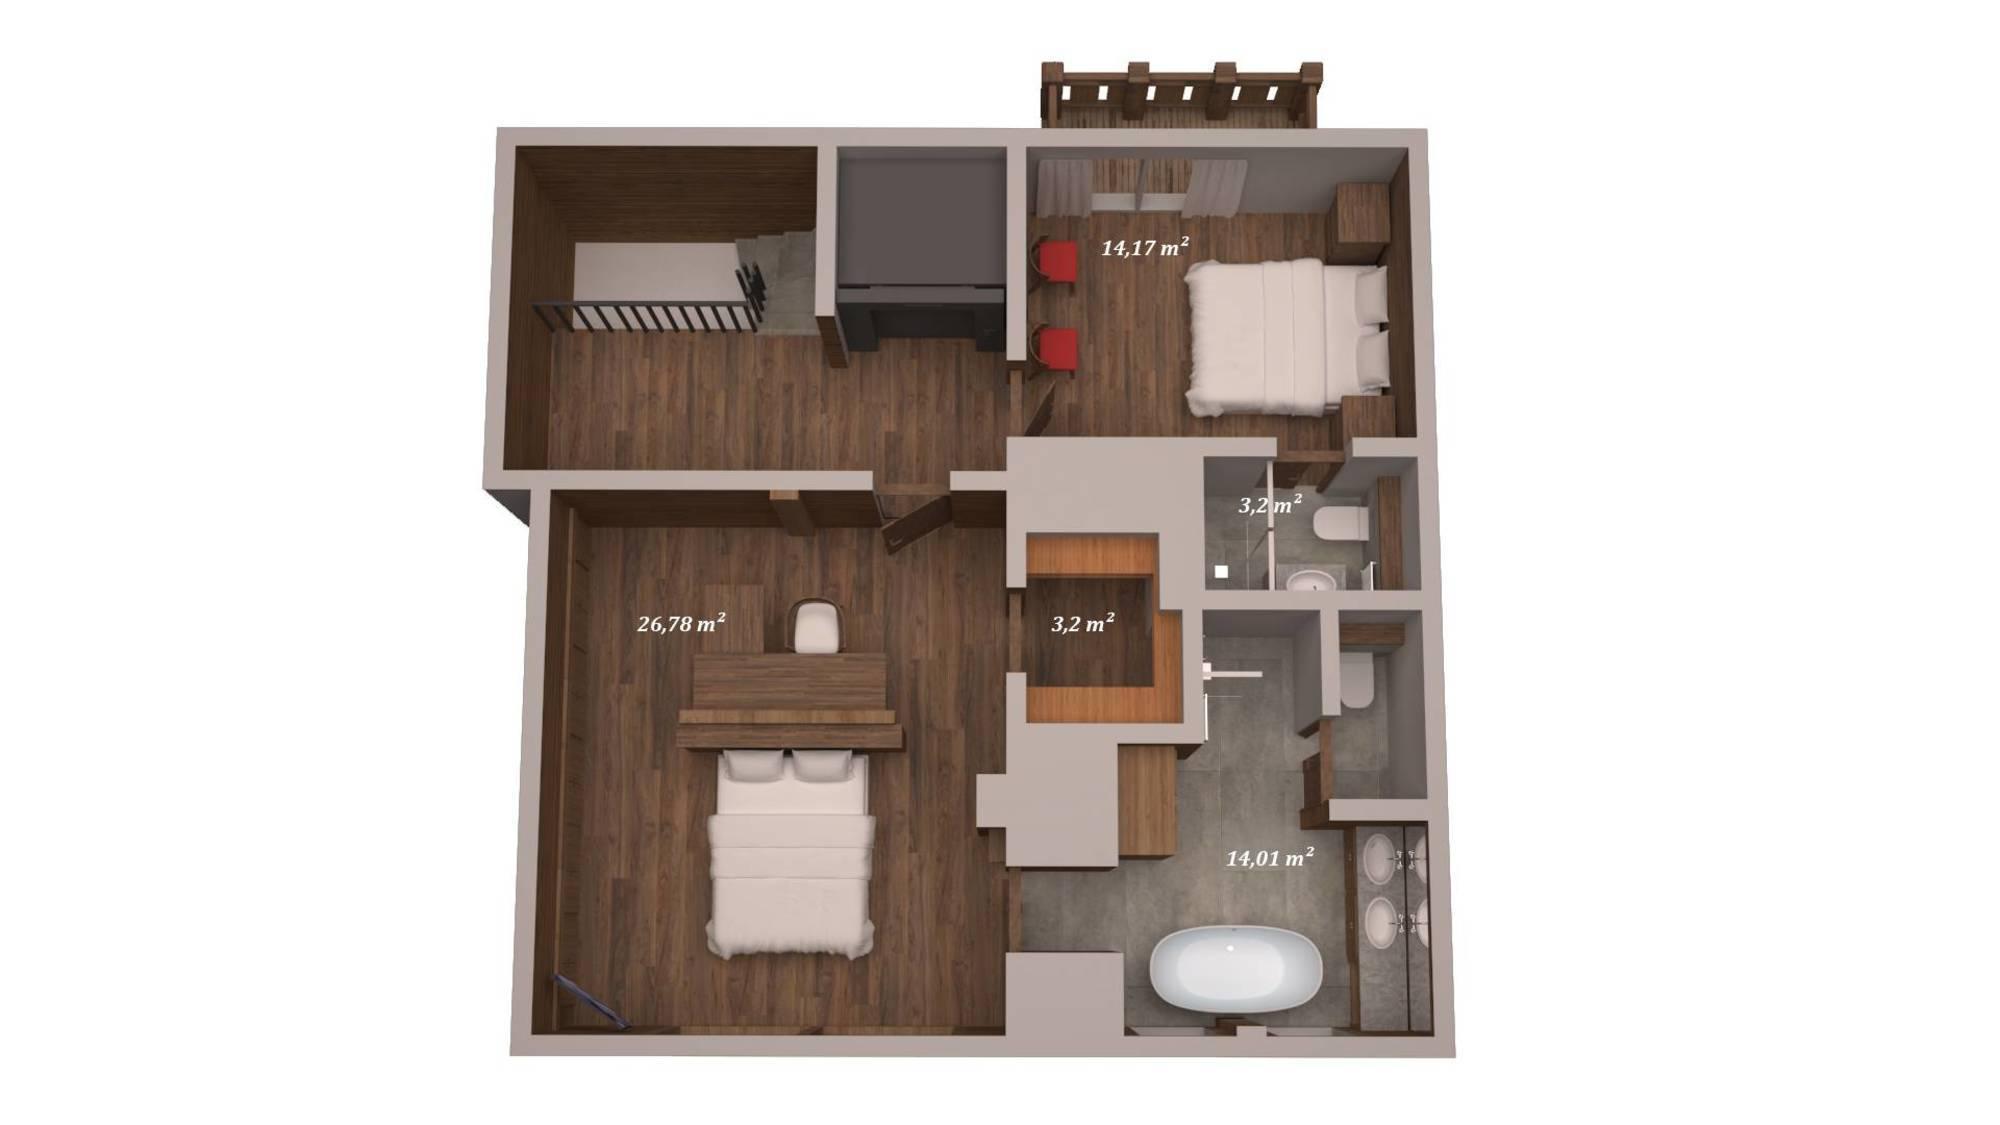 Chalet Queen Mijane Meribel Floor Plan 5